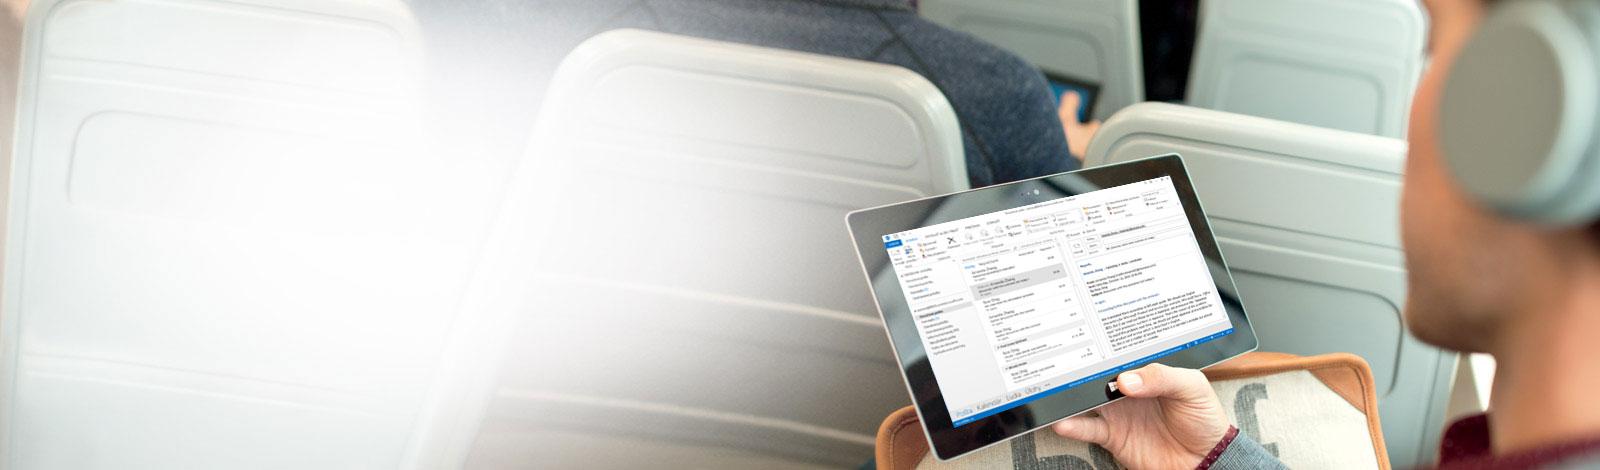 Muž držiaci tablet so zobrazeným priečinkom doručenej pošty. Pristupujte k e-mailom odkiaľkoľvek prostredníctvom služieb Office 365.